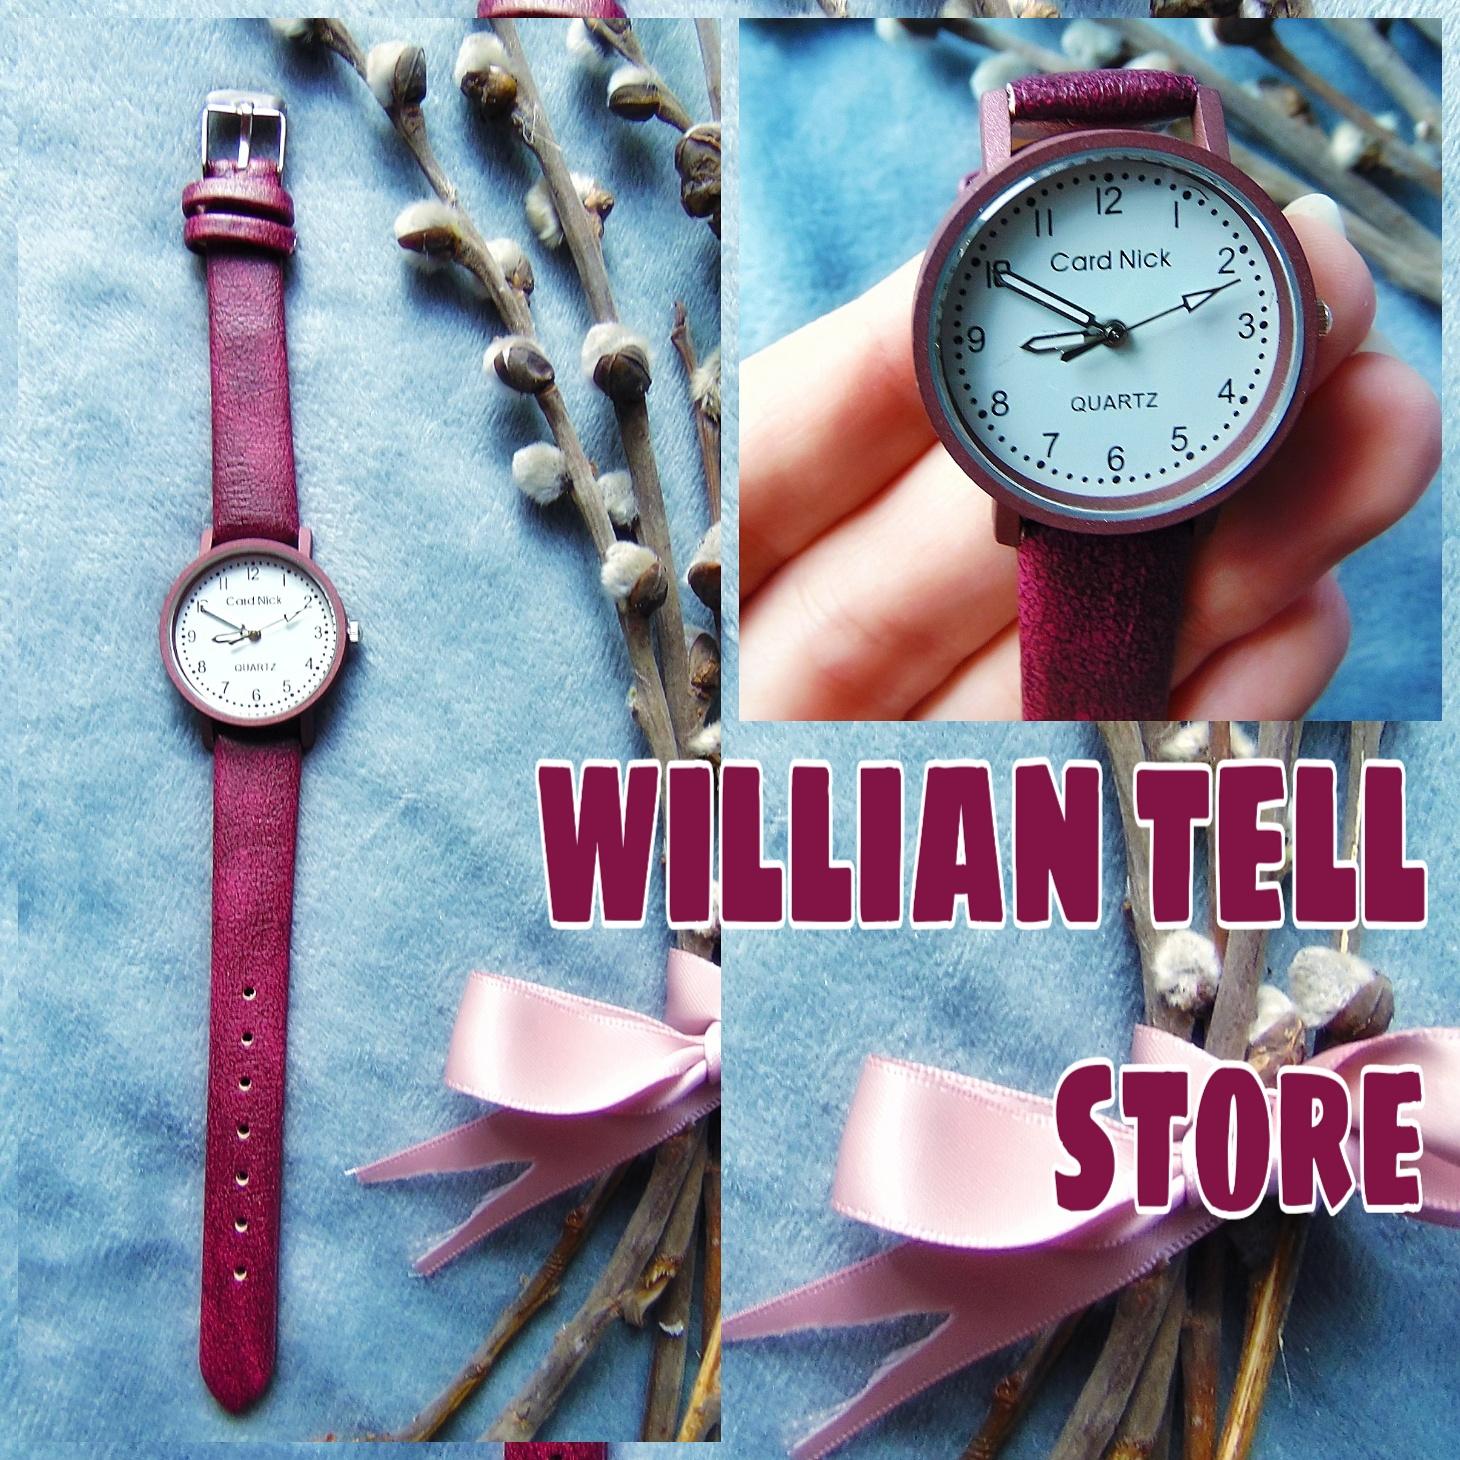 Очень стильные часики на кожаном ремешке цвета спелой вишниМагазин: WILLIAN TELL store